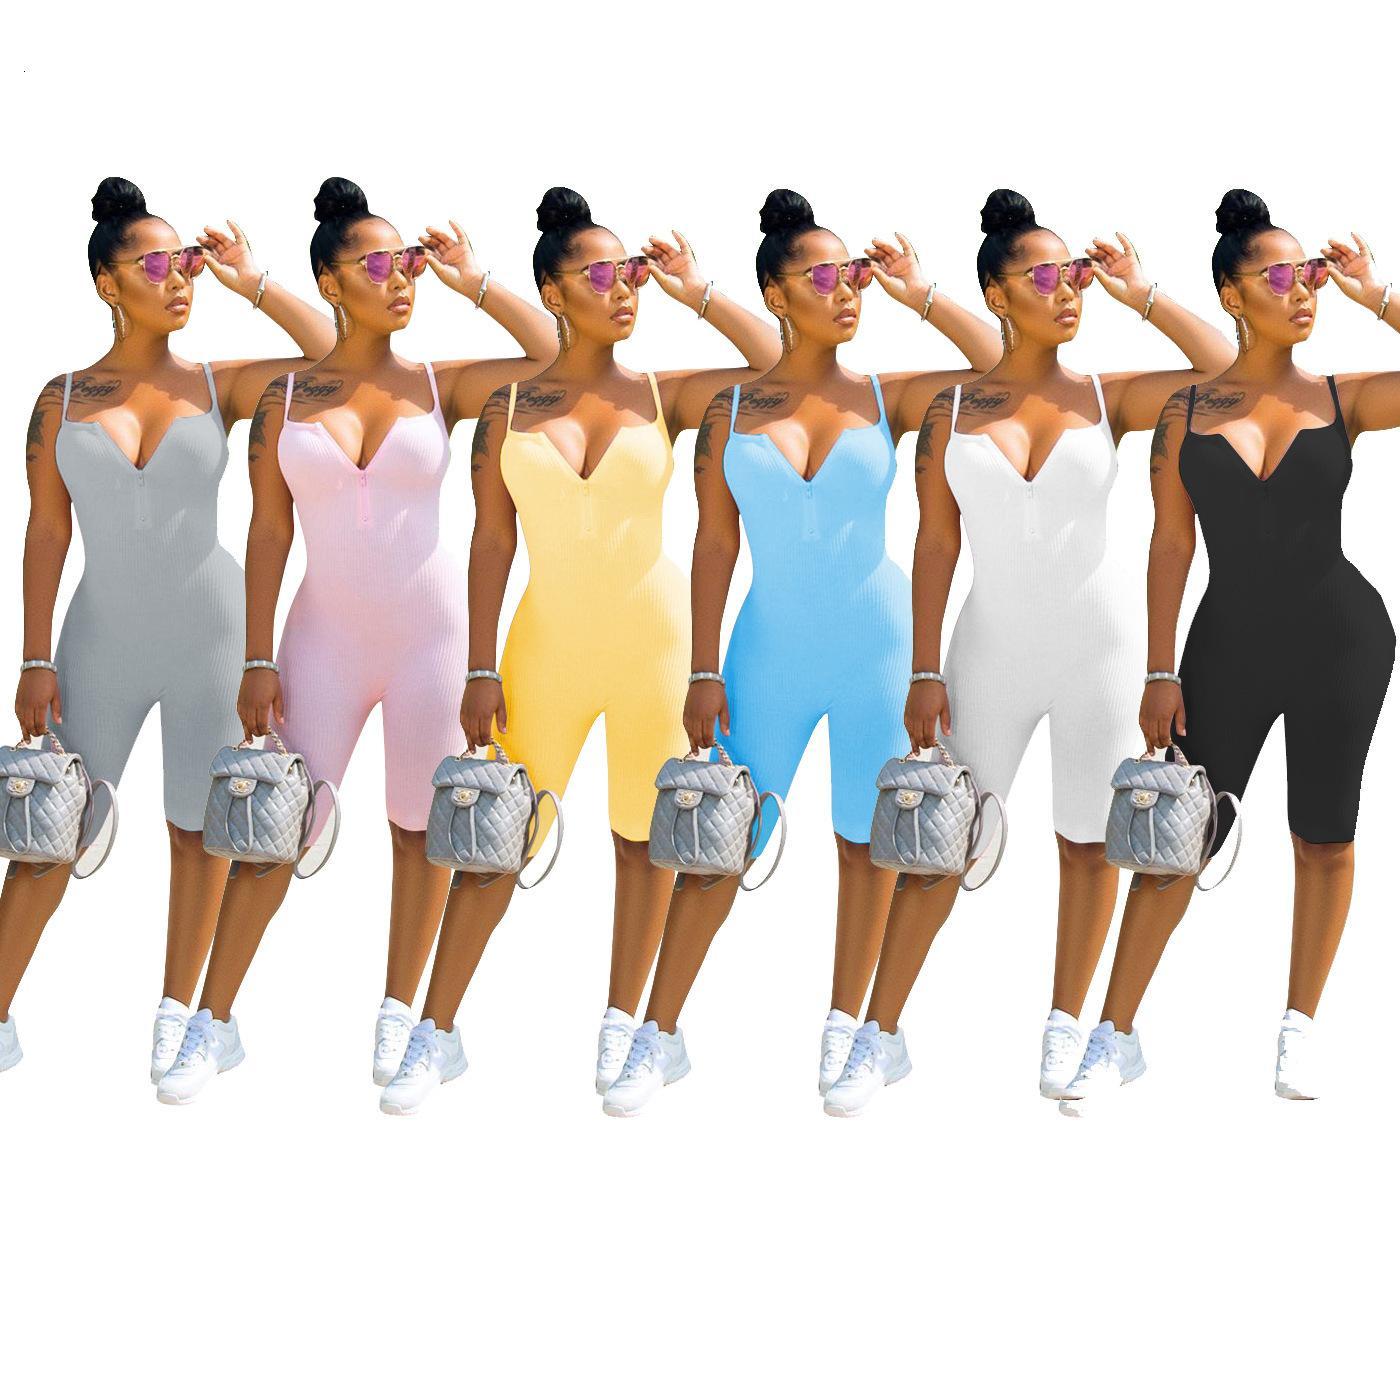 Дизайнер Женщины Двухкусочный Эпикировка женские костюмы женщин спортивной горячий новый лучший продавать ринулись любимый случайный OXBQ